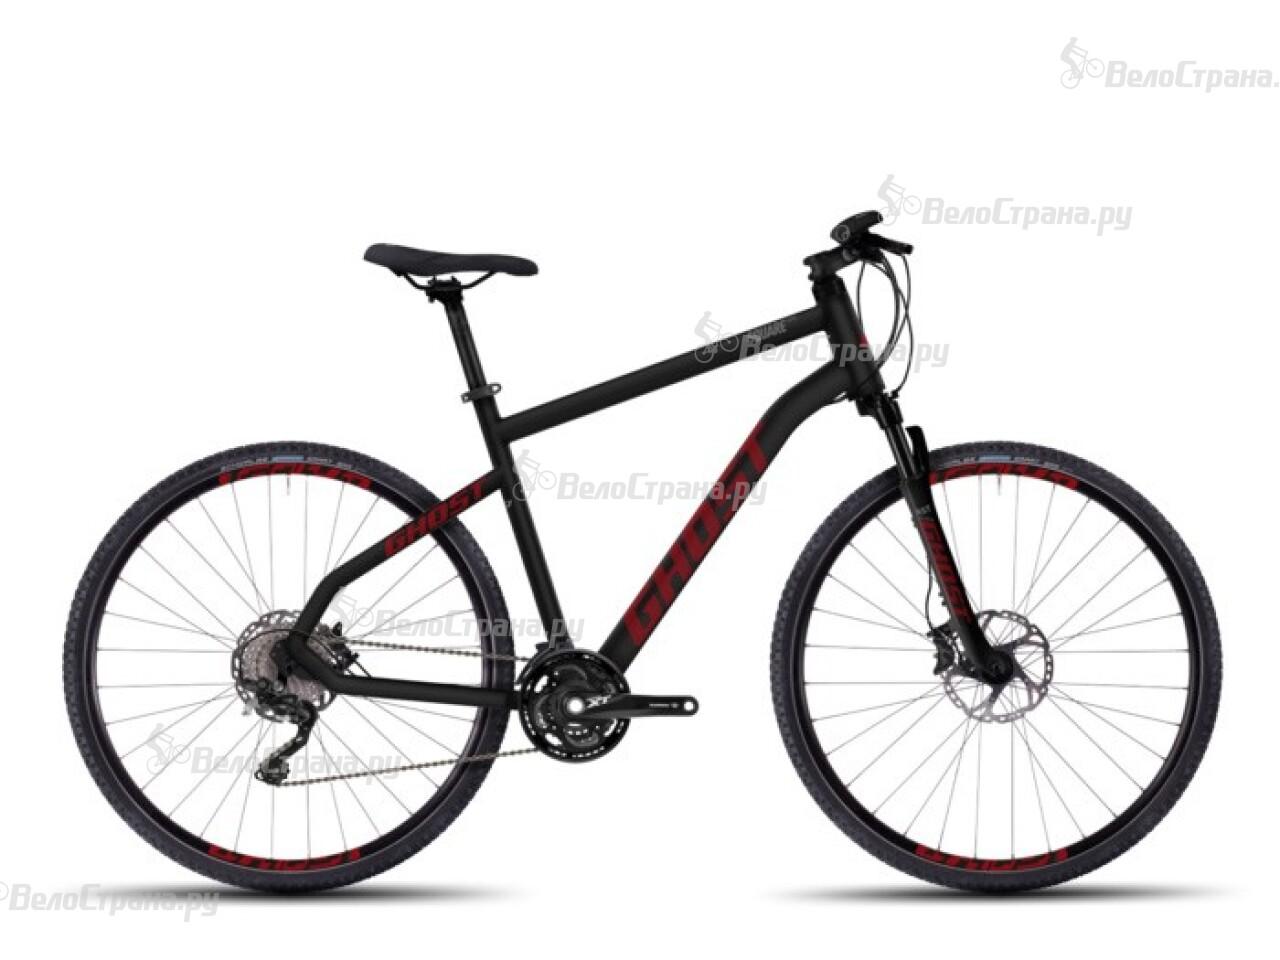 Велосипед Ghost SQUARE Cross 7 (2016) велосипед ghost square cross x 2 2016